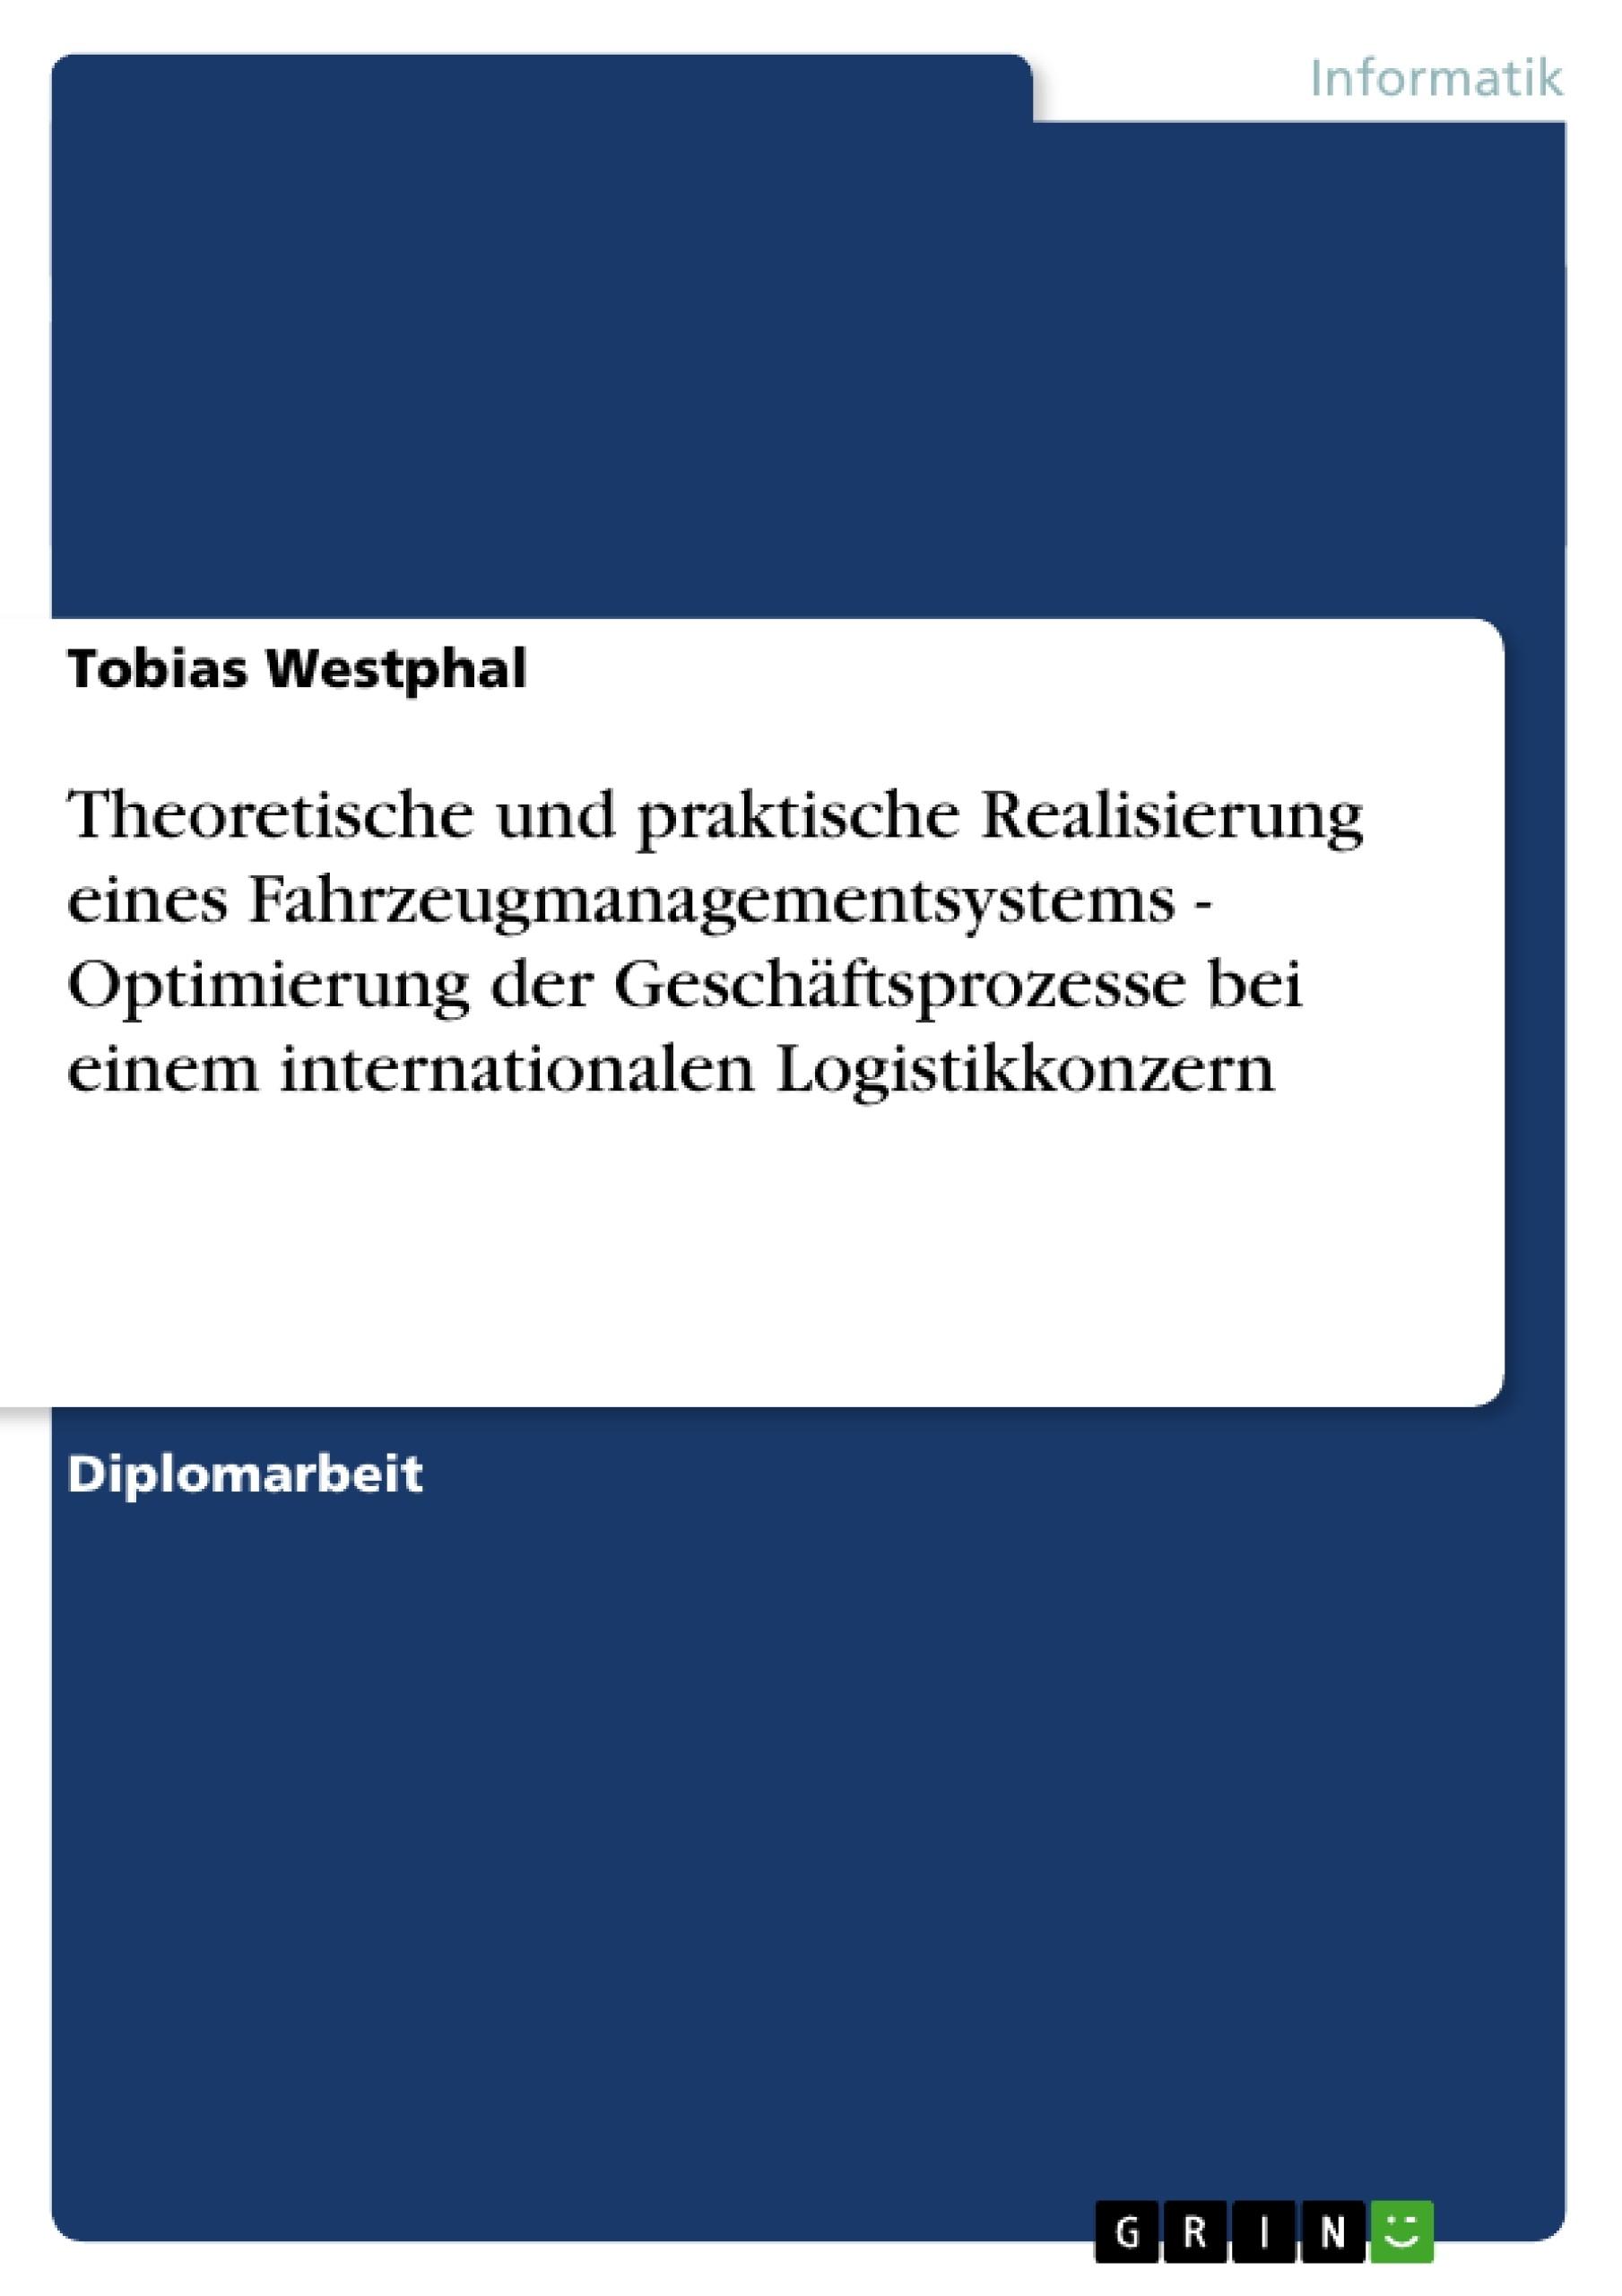 Titel: Theoretische und praktische Realisierung eines Fahrzeugmanagementsystems - Optimierung der Geschäftsprozesse bei einem internationalen Logistikkonzern